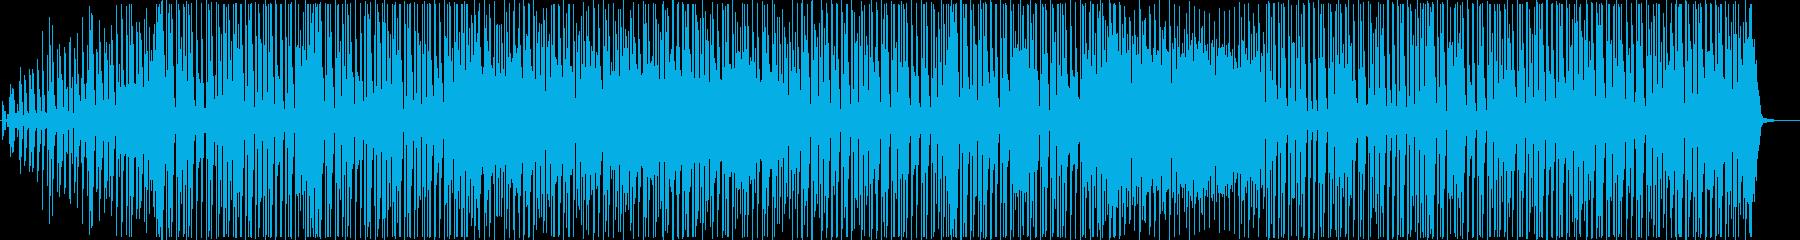 わくわく・コミカルなポップBGMの再生済みの波形